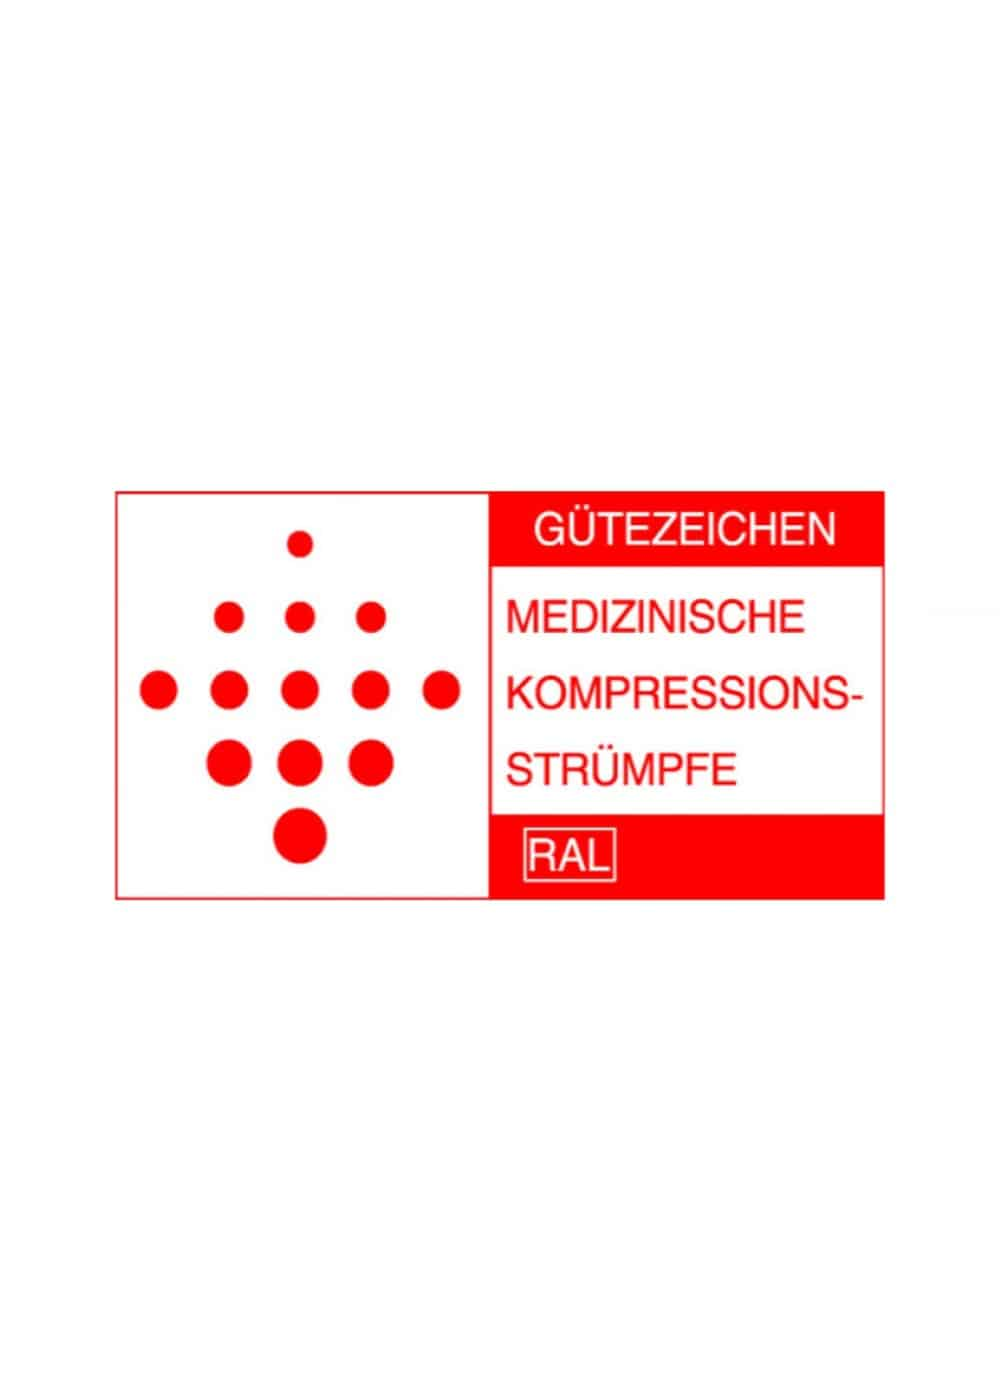 RAL GZ-387 認證